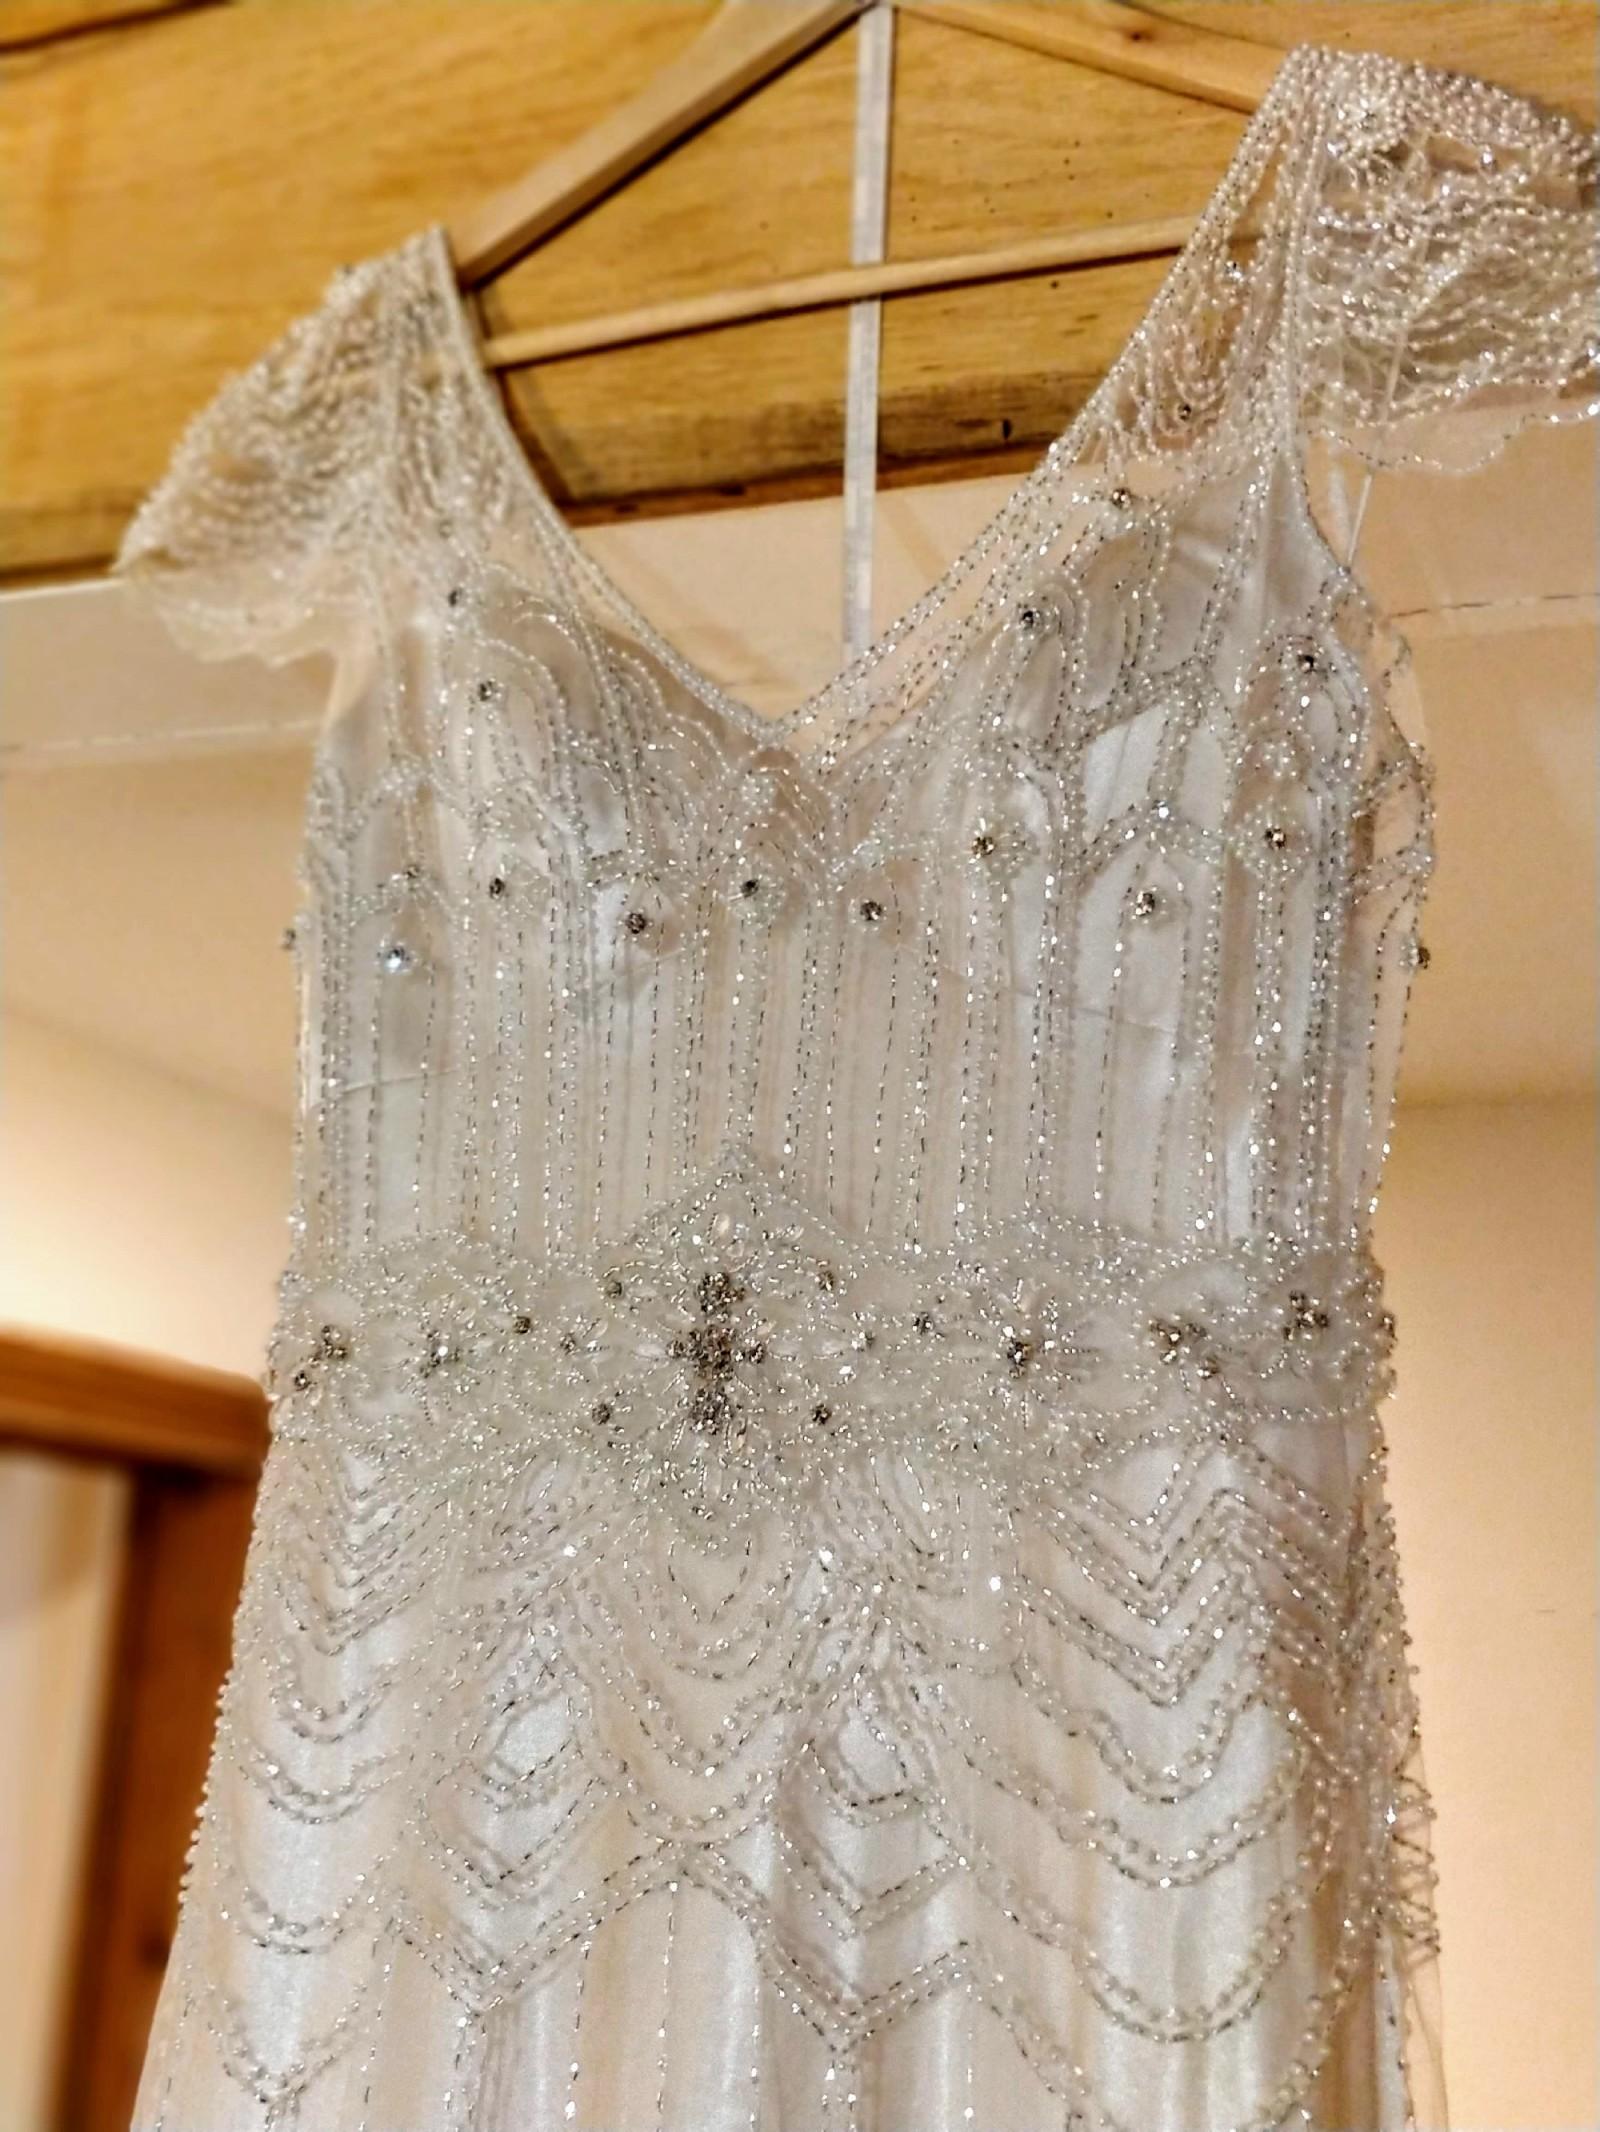 c5d4fd22cb0 Maggie Sottero Ettia New Wedding Dress on Sale 43% Off - Stillwhite  Australia